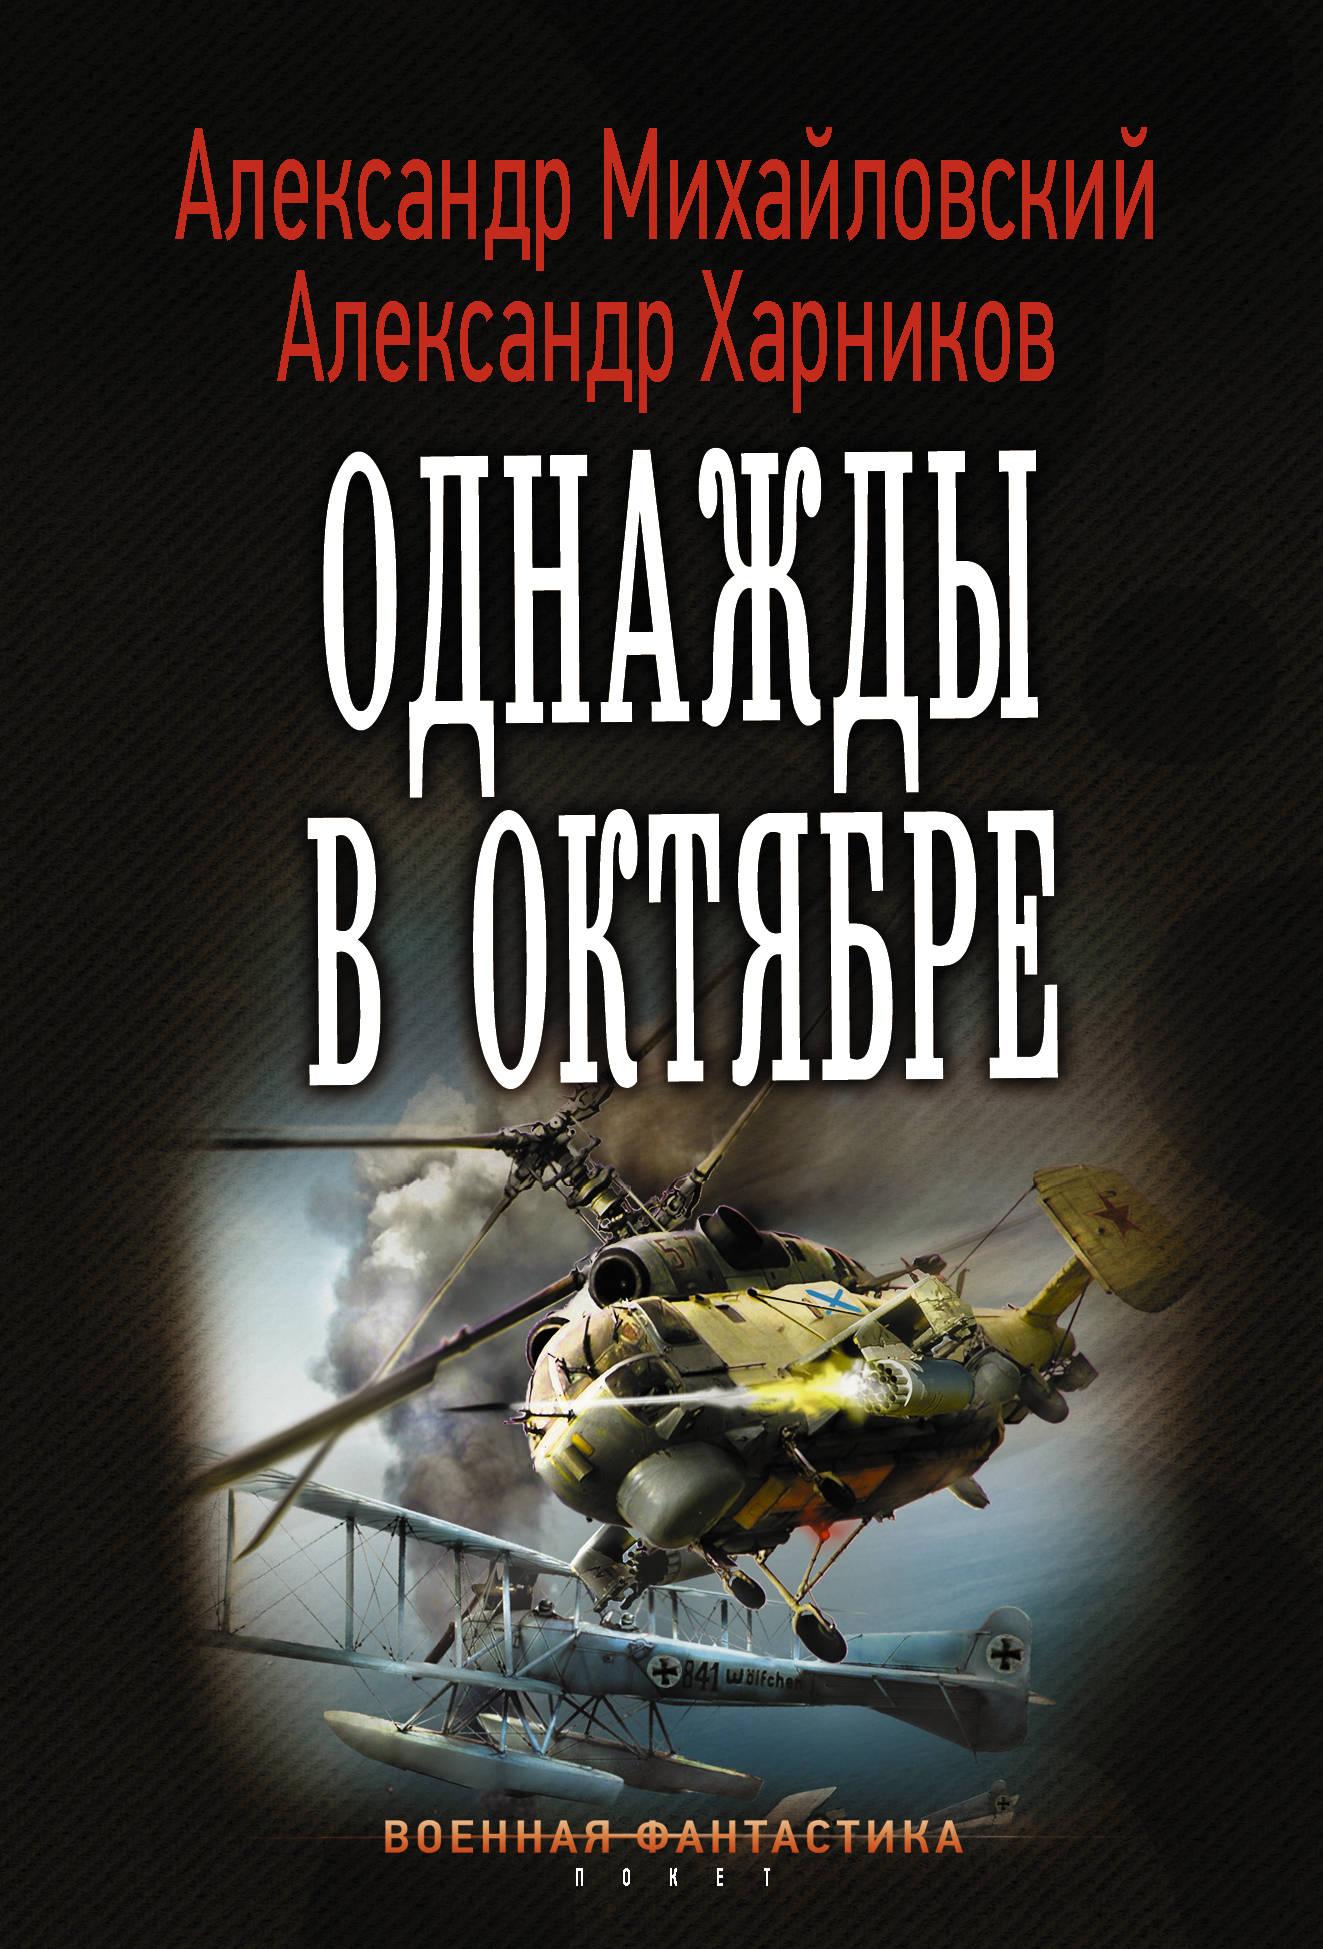 Александр Михайловский, Александр Харников Однажды в октябре